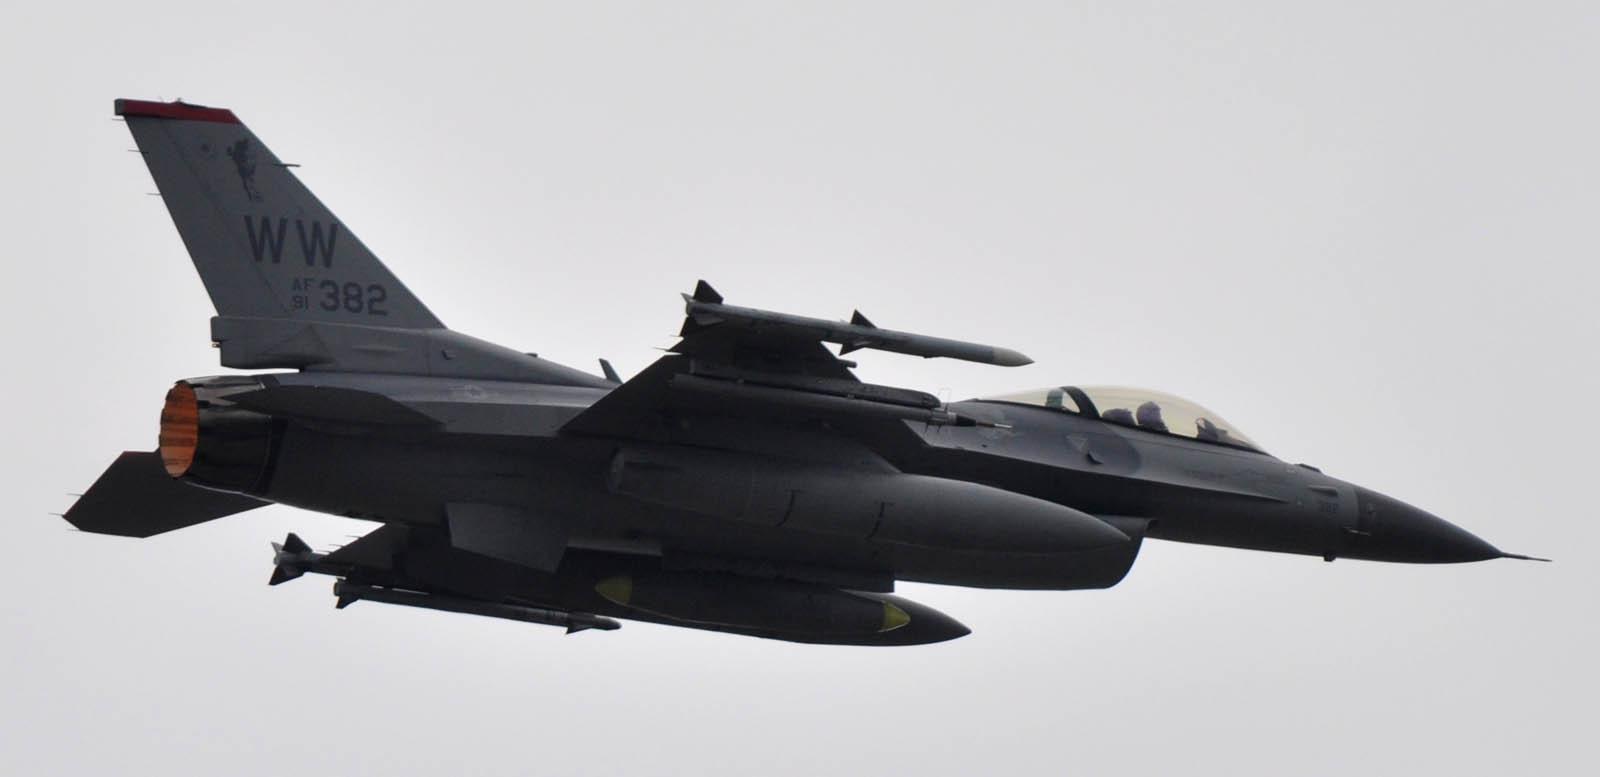 F16cj120419g262